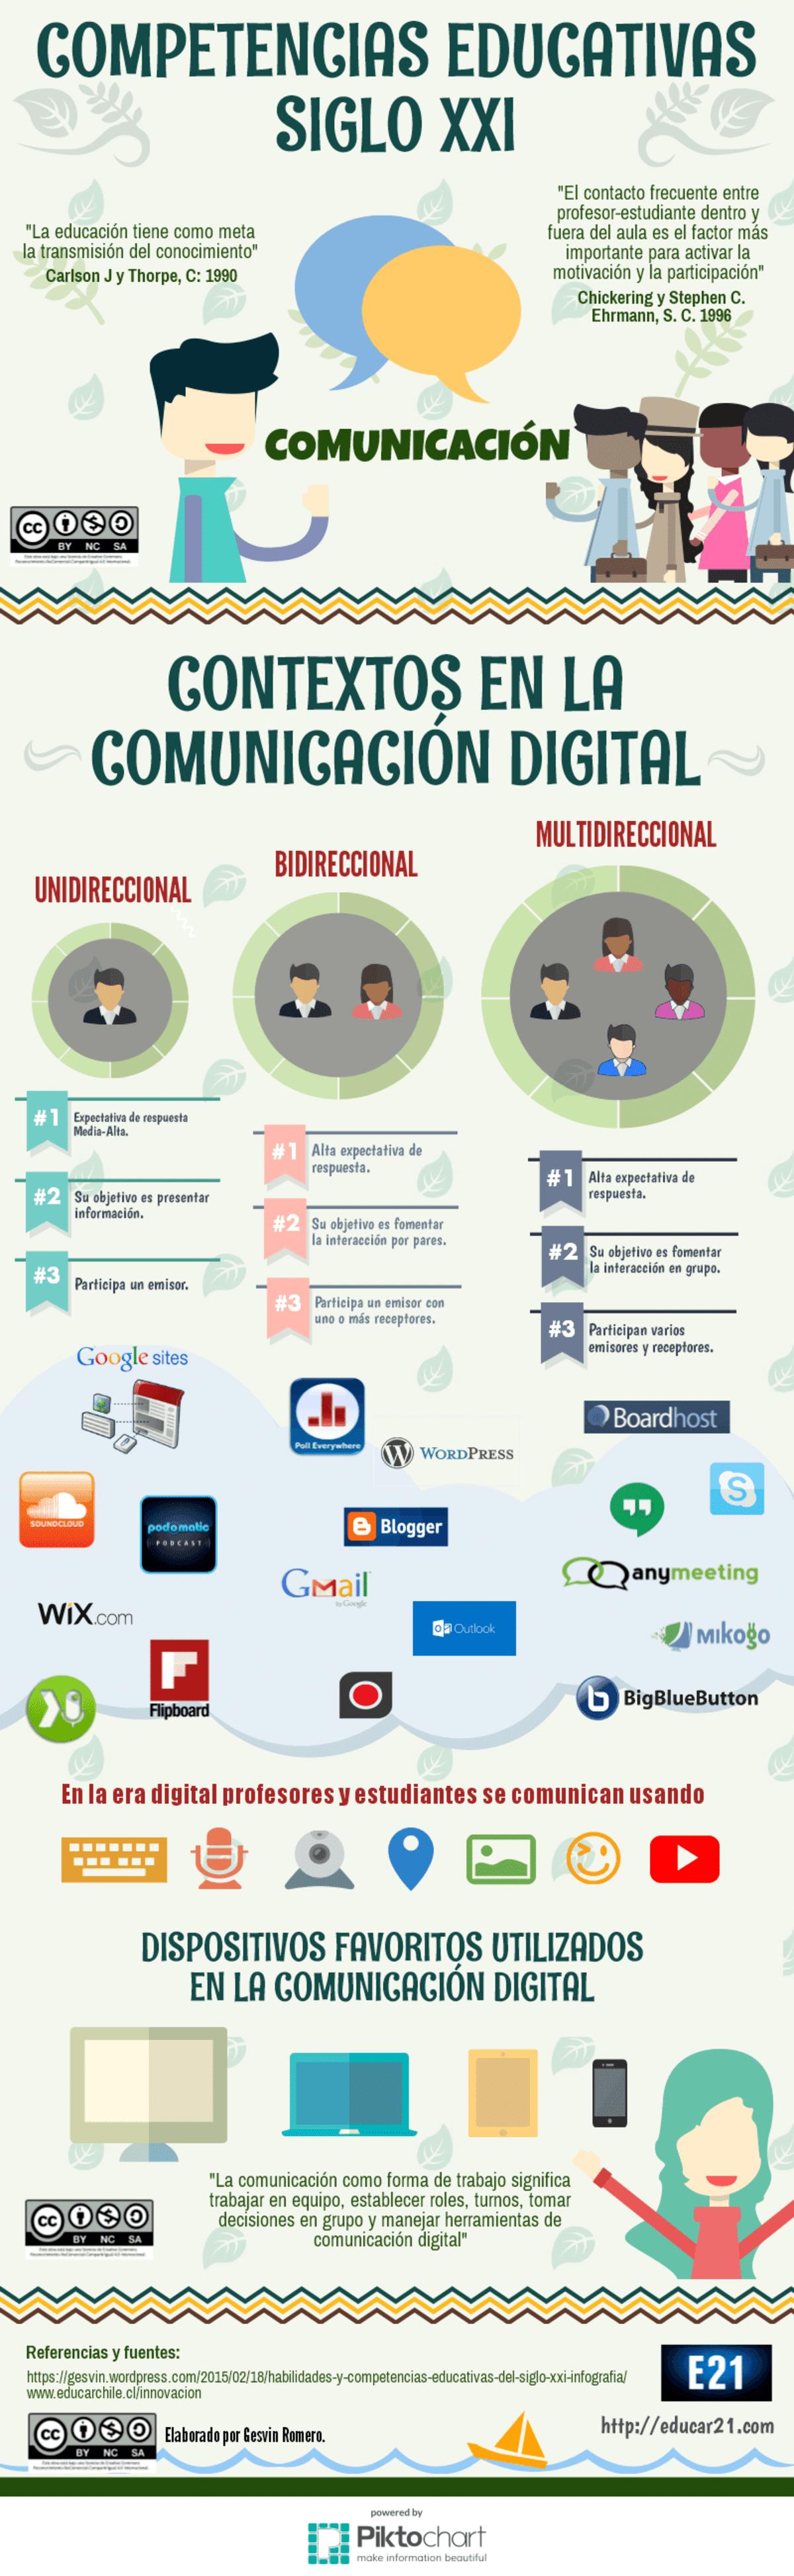 Comunicación Digital y sus Contextos - Competencias Educativas del Siglo XXI.